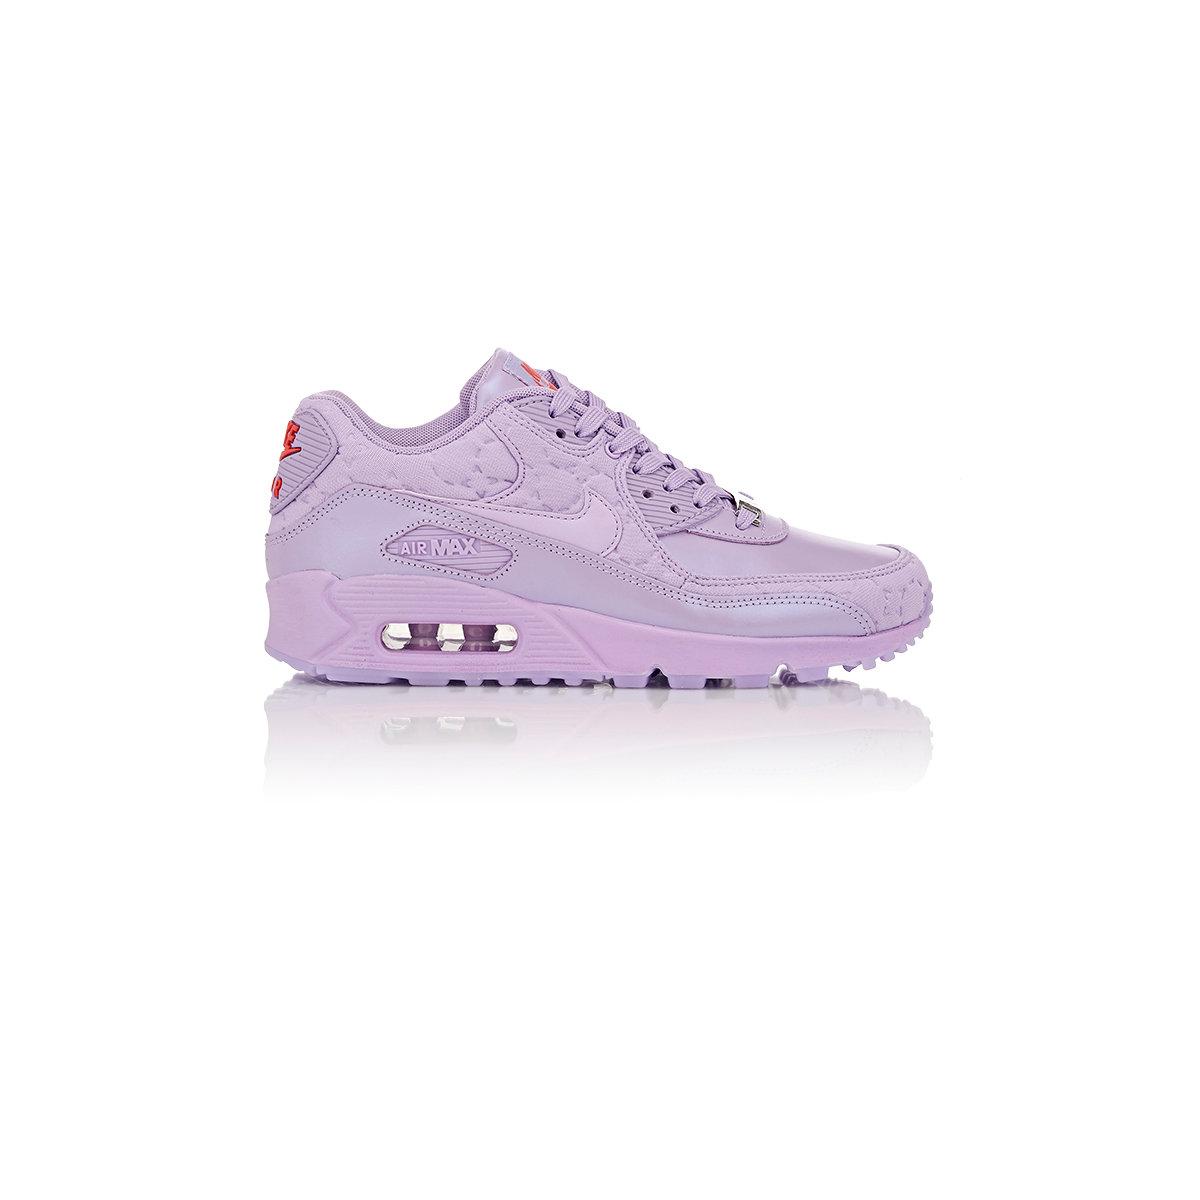 air max 90 qs paris sneakers